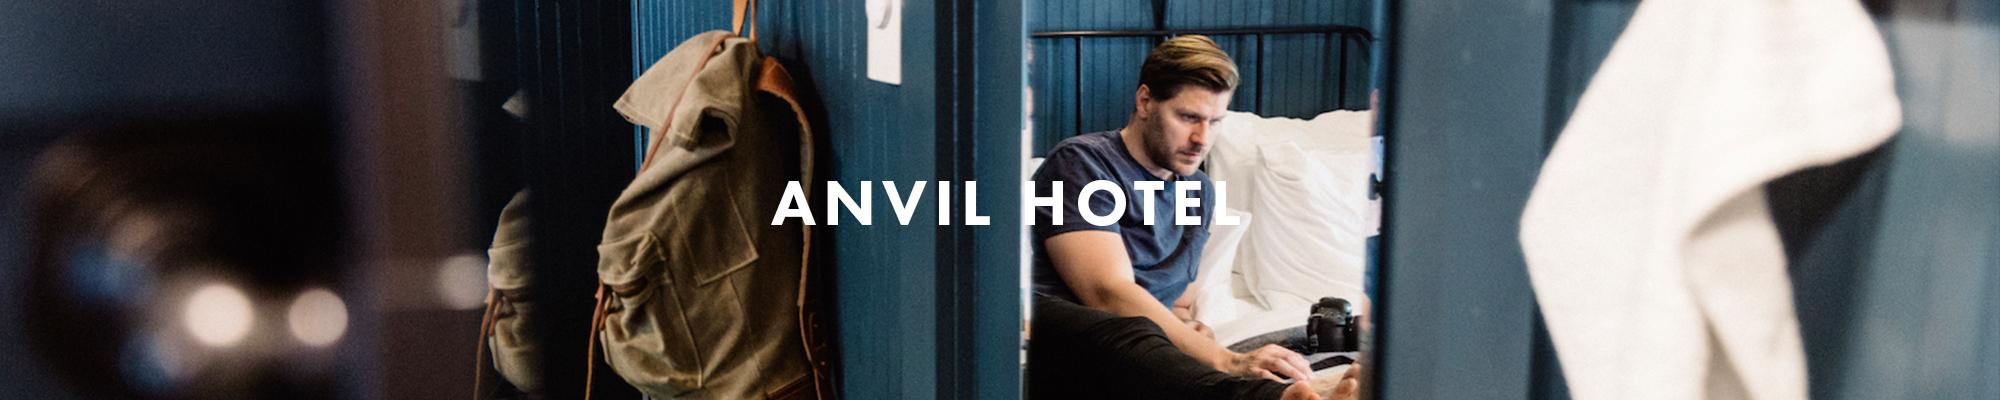 Anvil Hotel Banner.jpg